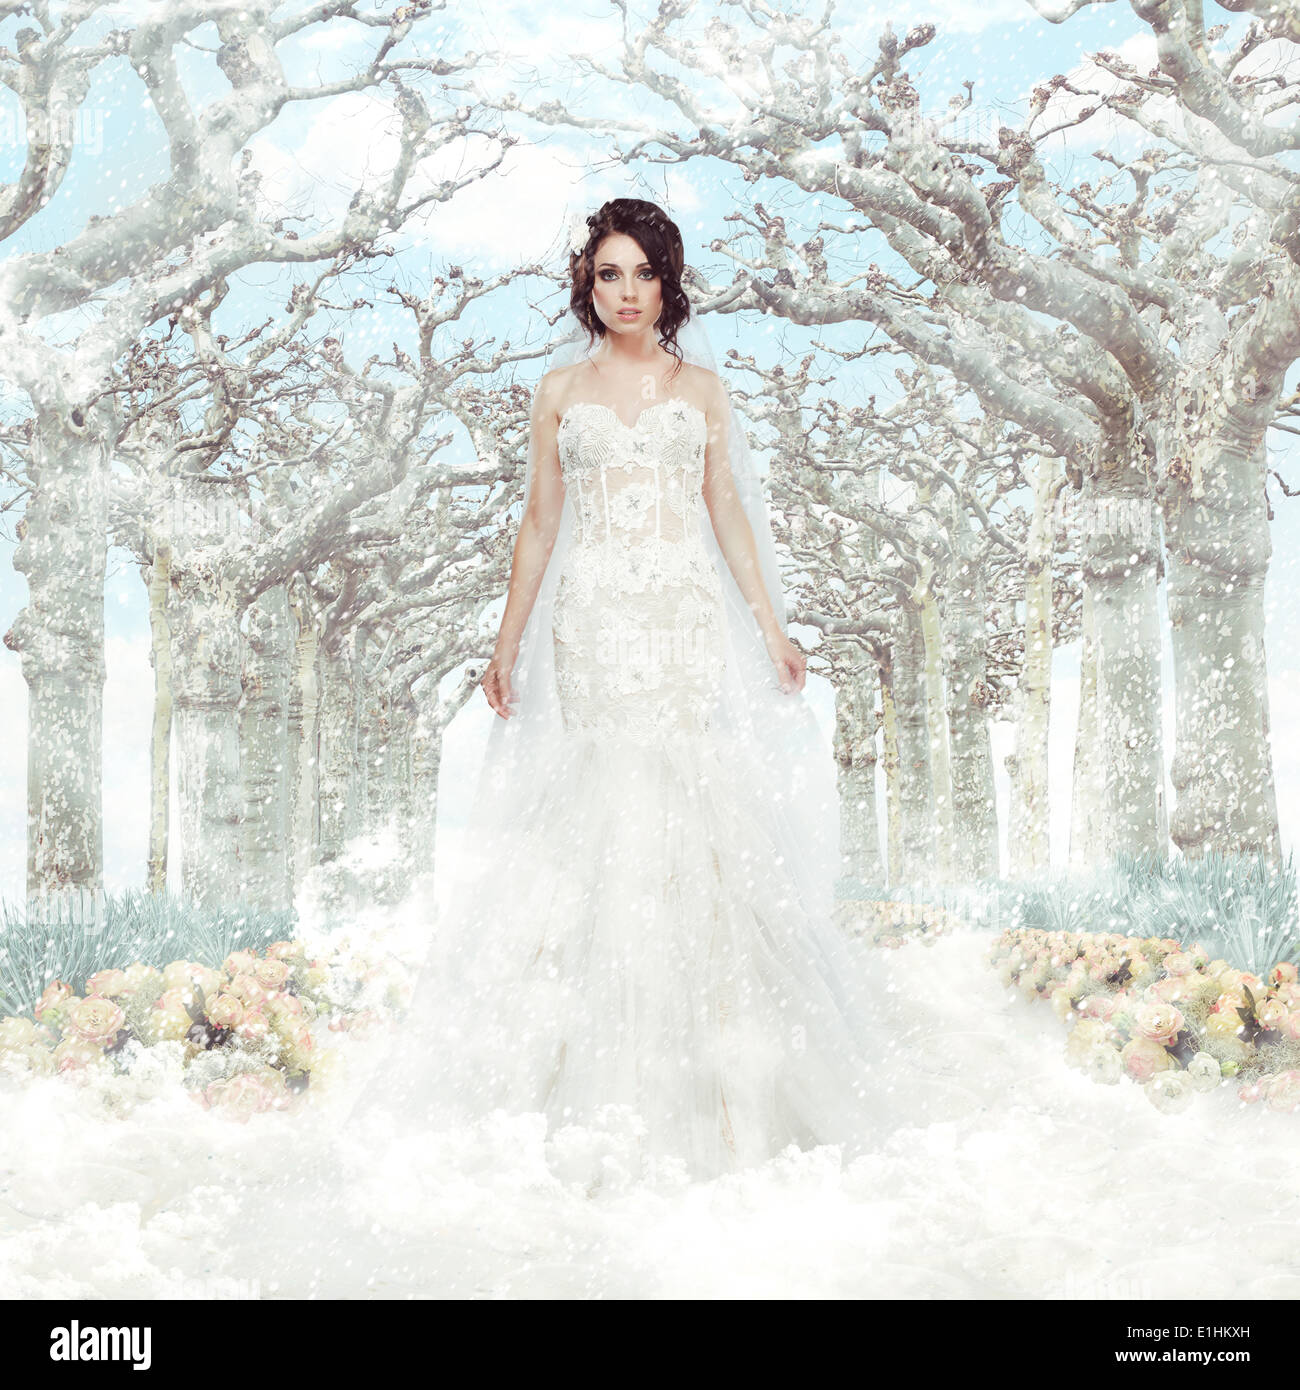 La fantasía. El matrimonio. Novia vestido blanco sobre el congelamiento de los árboles en invierno y los copos de nieve Imagen De Stock